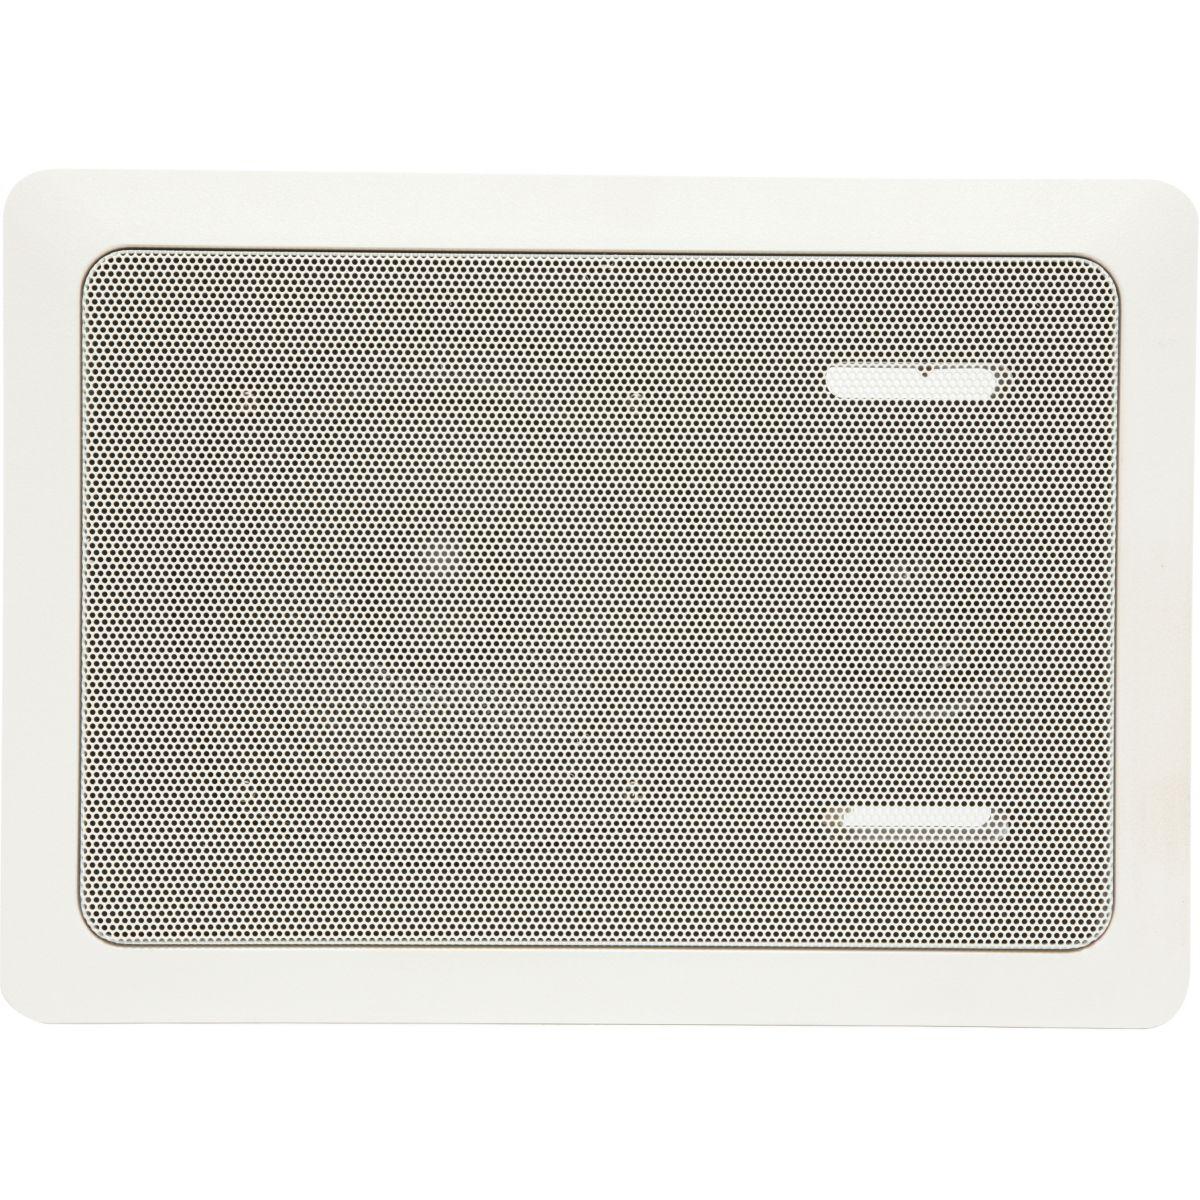 Enceinte encastrable davis 130 re blanc - livraison offerte : code liv (photo)